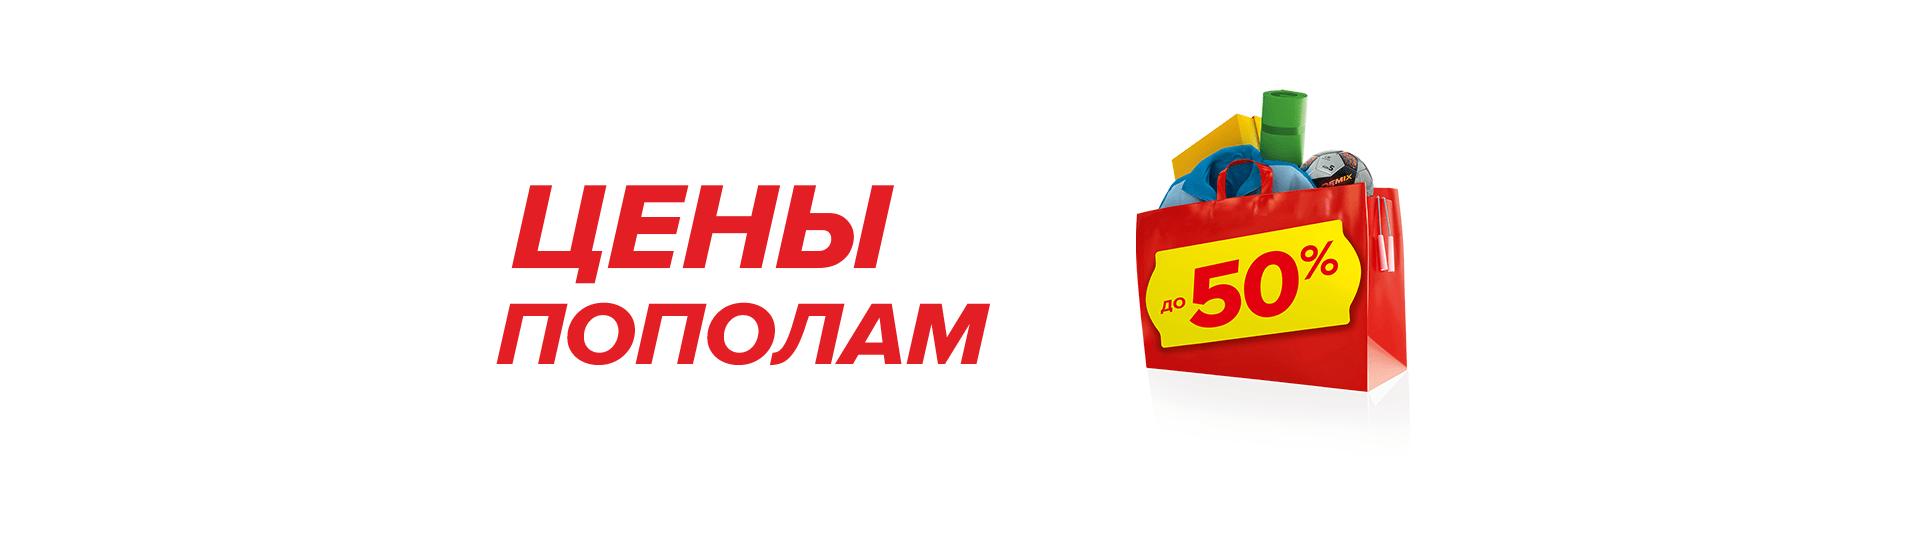 503b7cc8 Спортмастер - сеть спортивных магазинов.